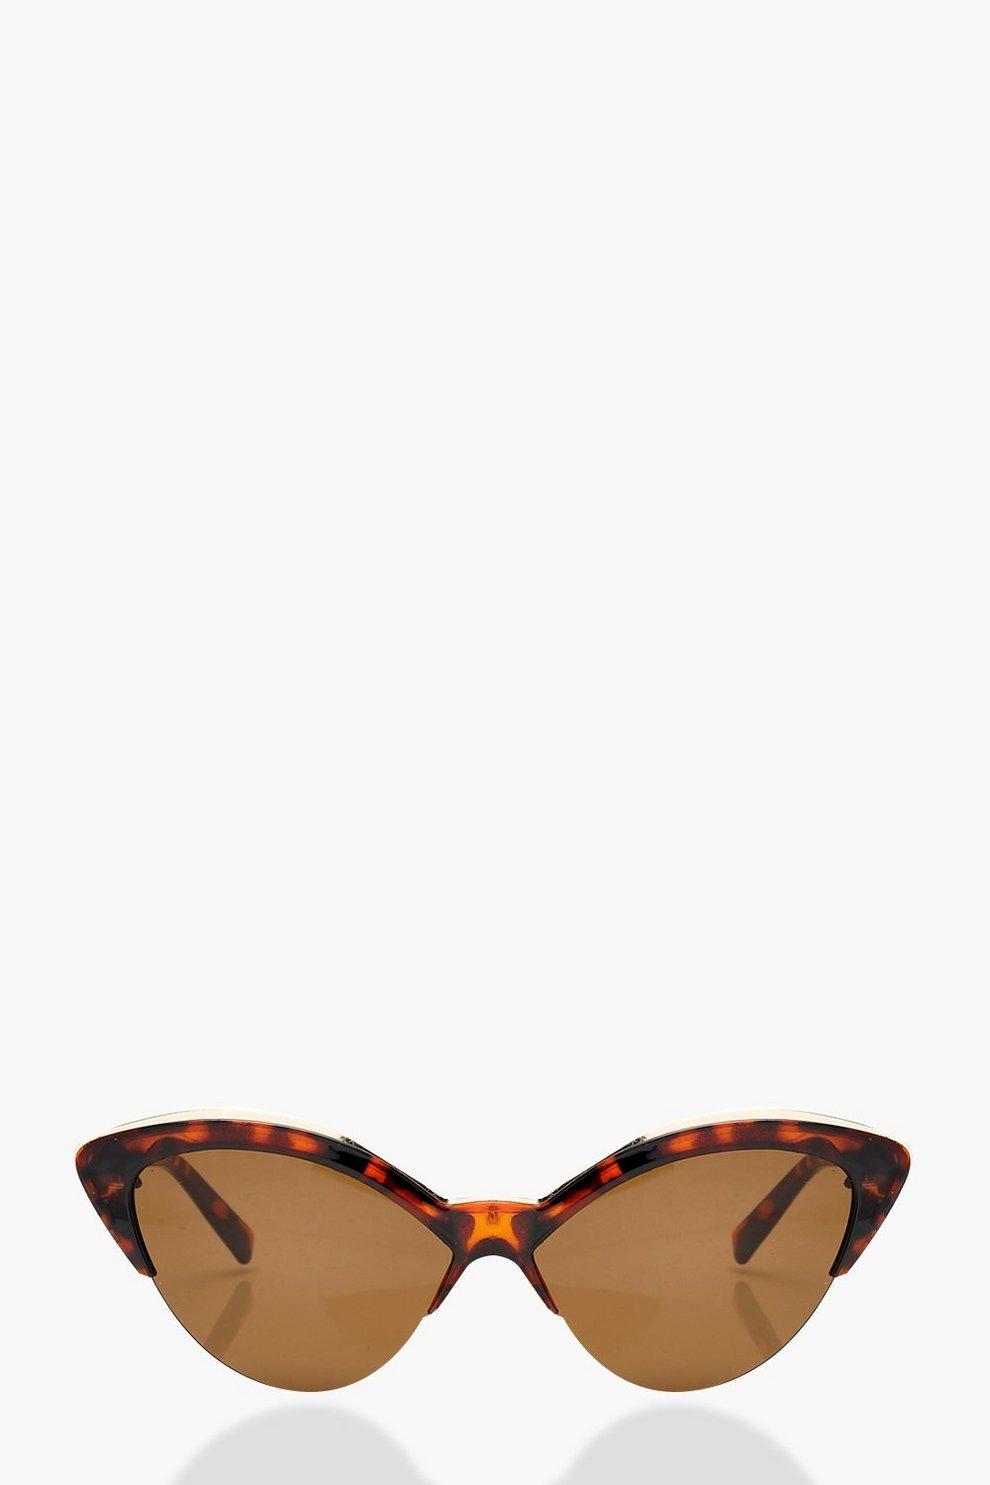 ff06f8c7f5846 Tortoiseshell Cat Eye Sunglasses. Womens Brown Tortoiseshell Cat Eye  Sunglasses. Hover to zoom